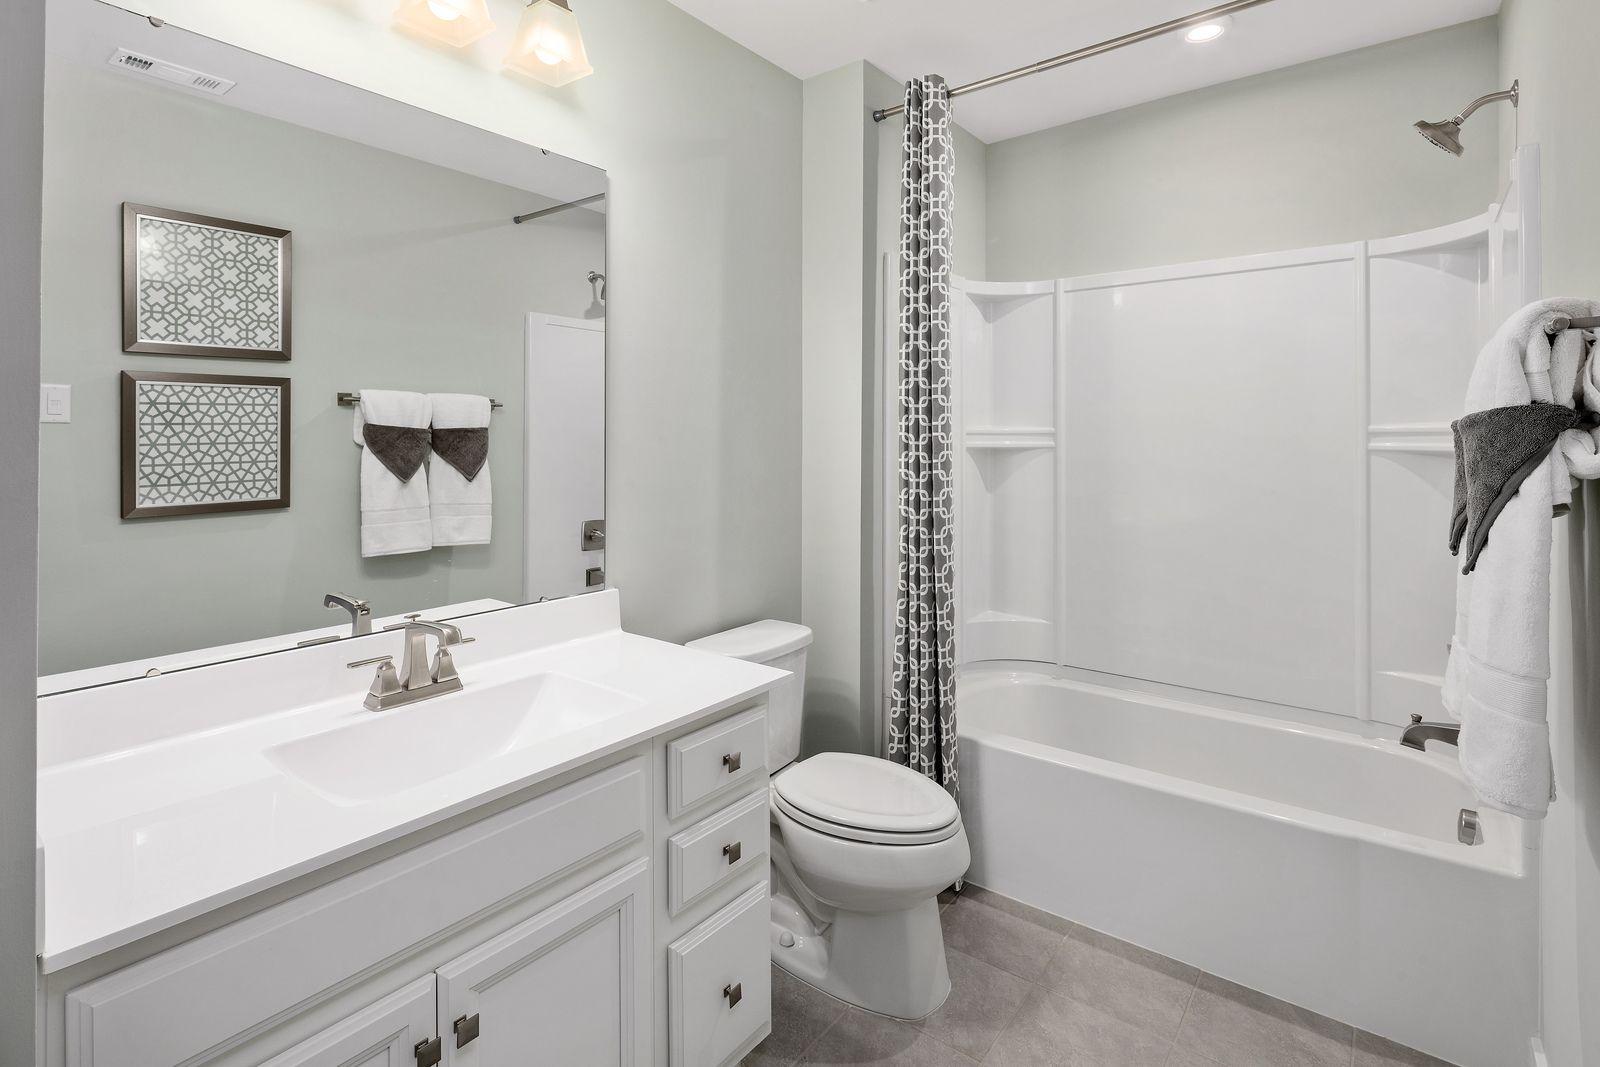 Bathroom featured in the Calvert By Ryan Homes in Cincinnati, OH